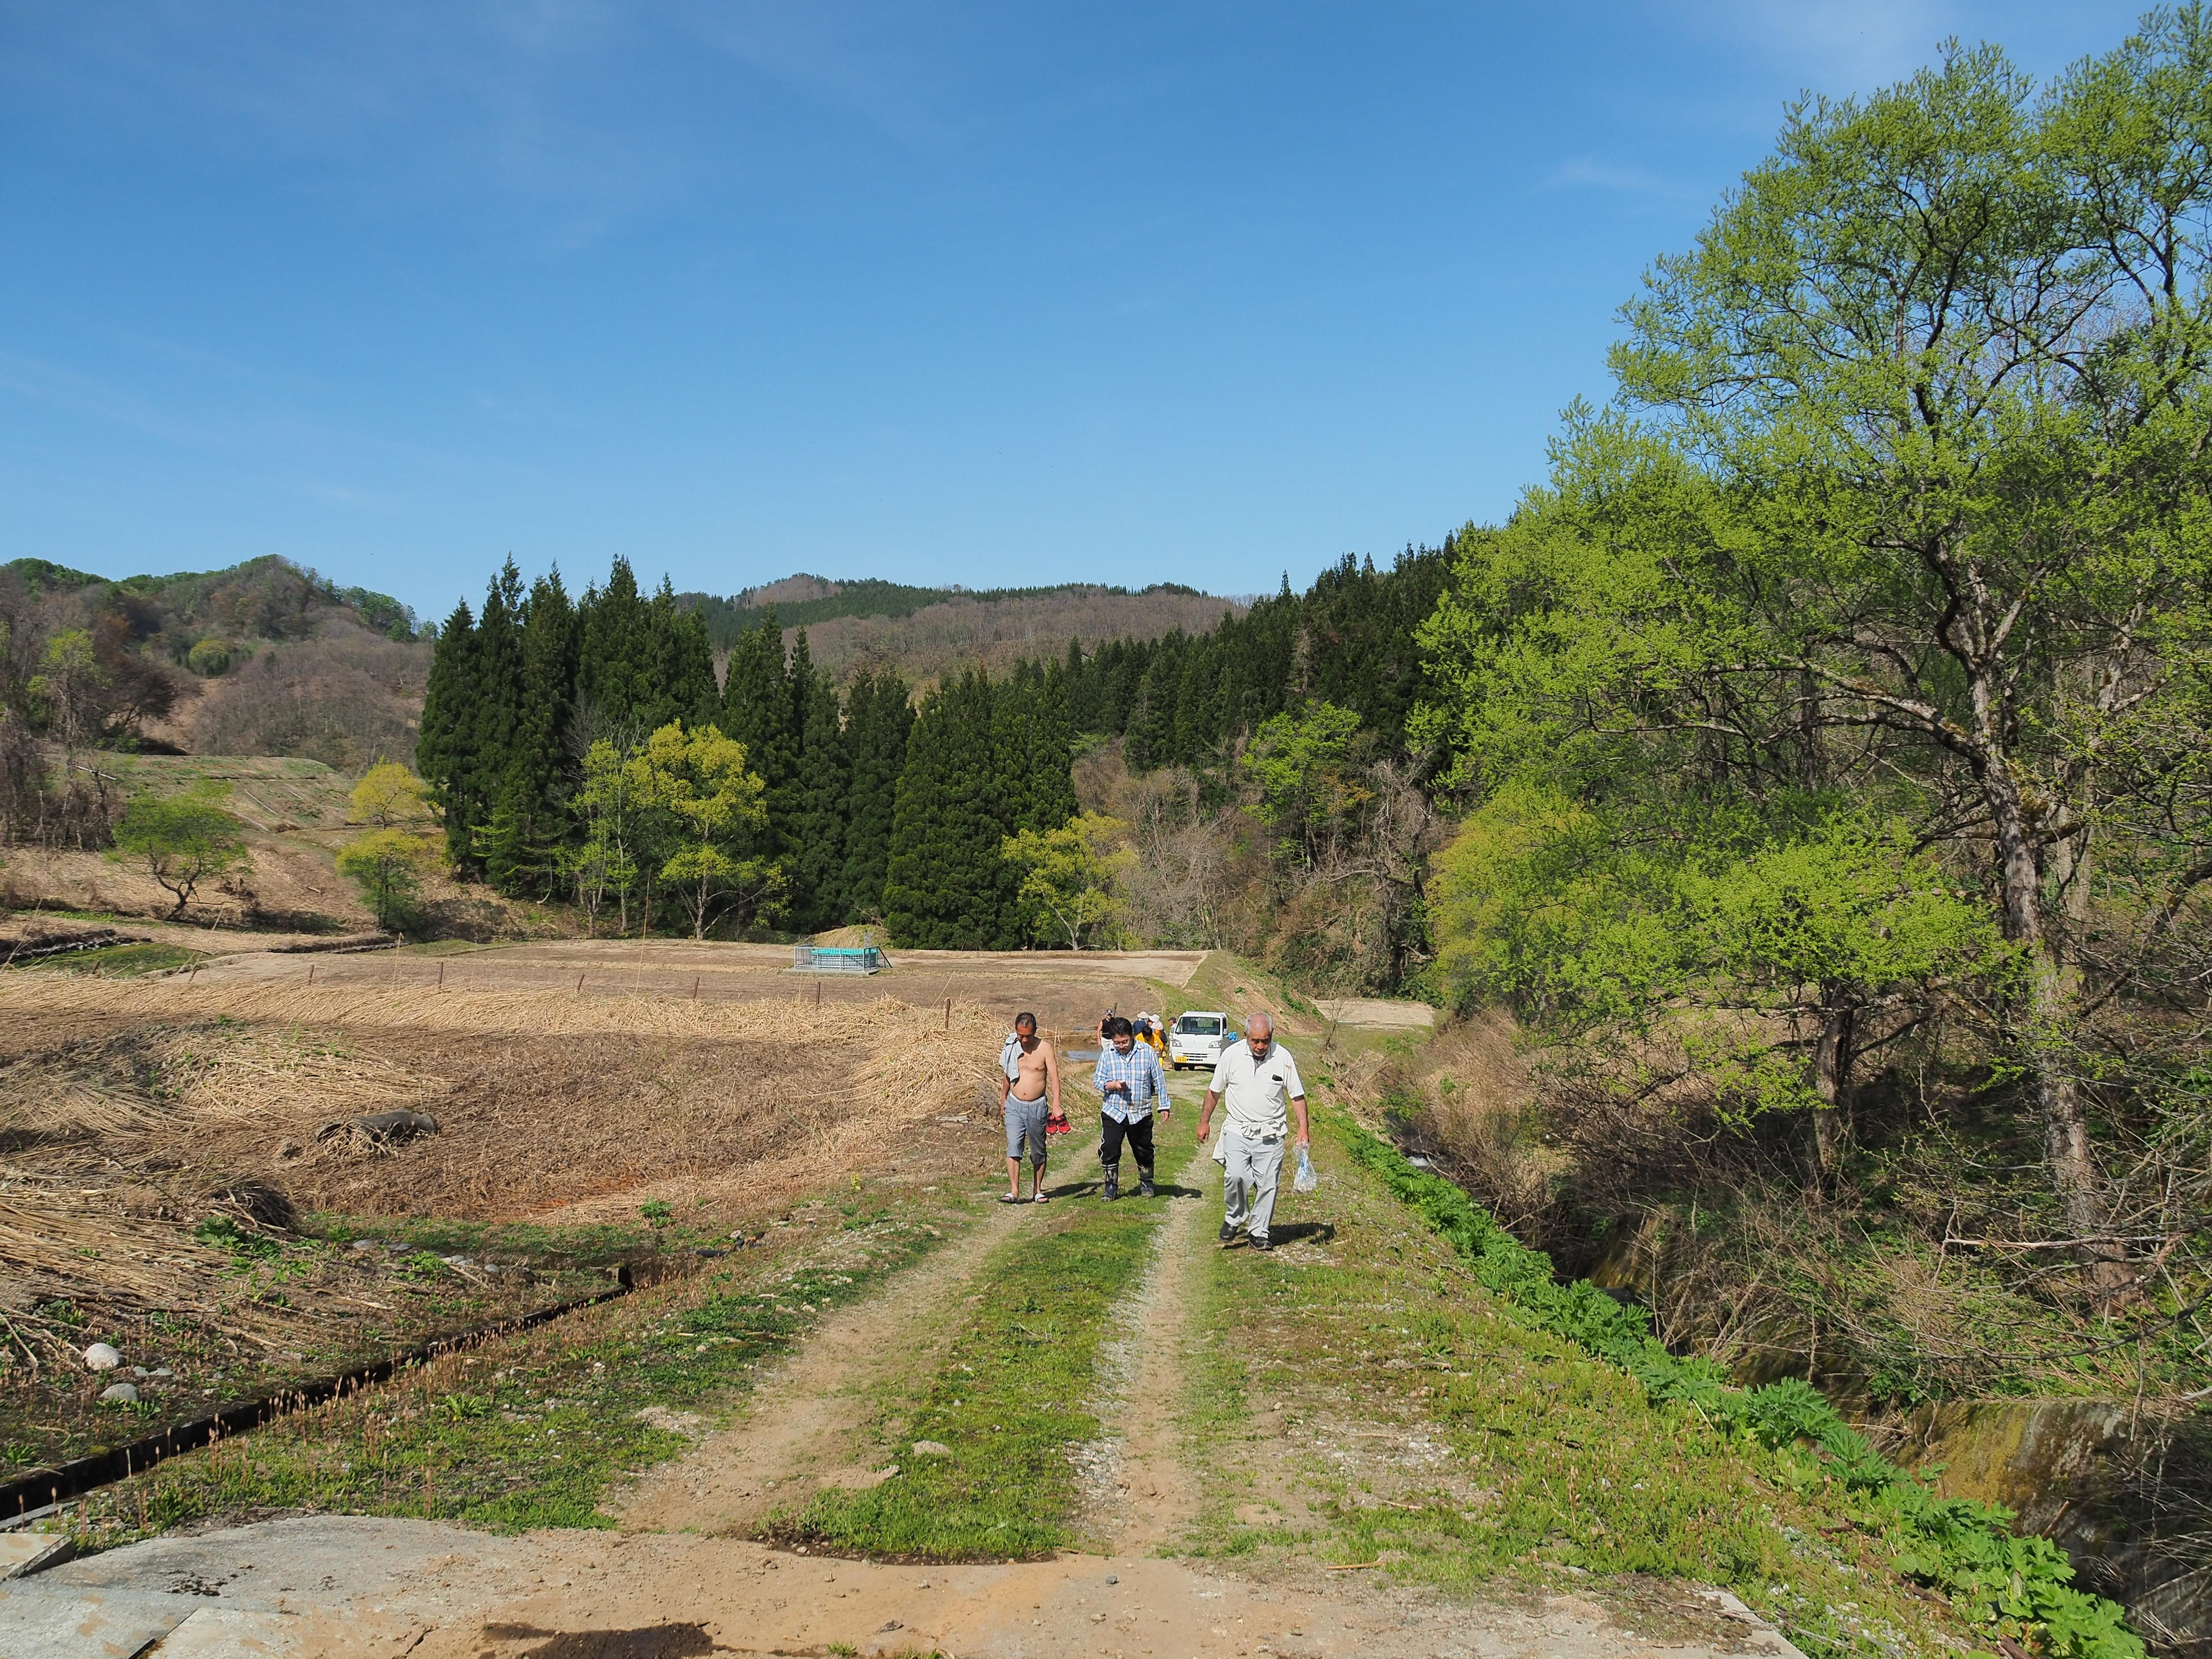 山形県戸沢村、農作業イベント クワイの植え付け